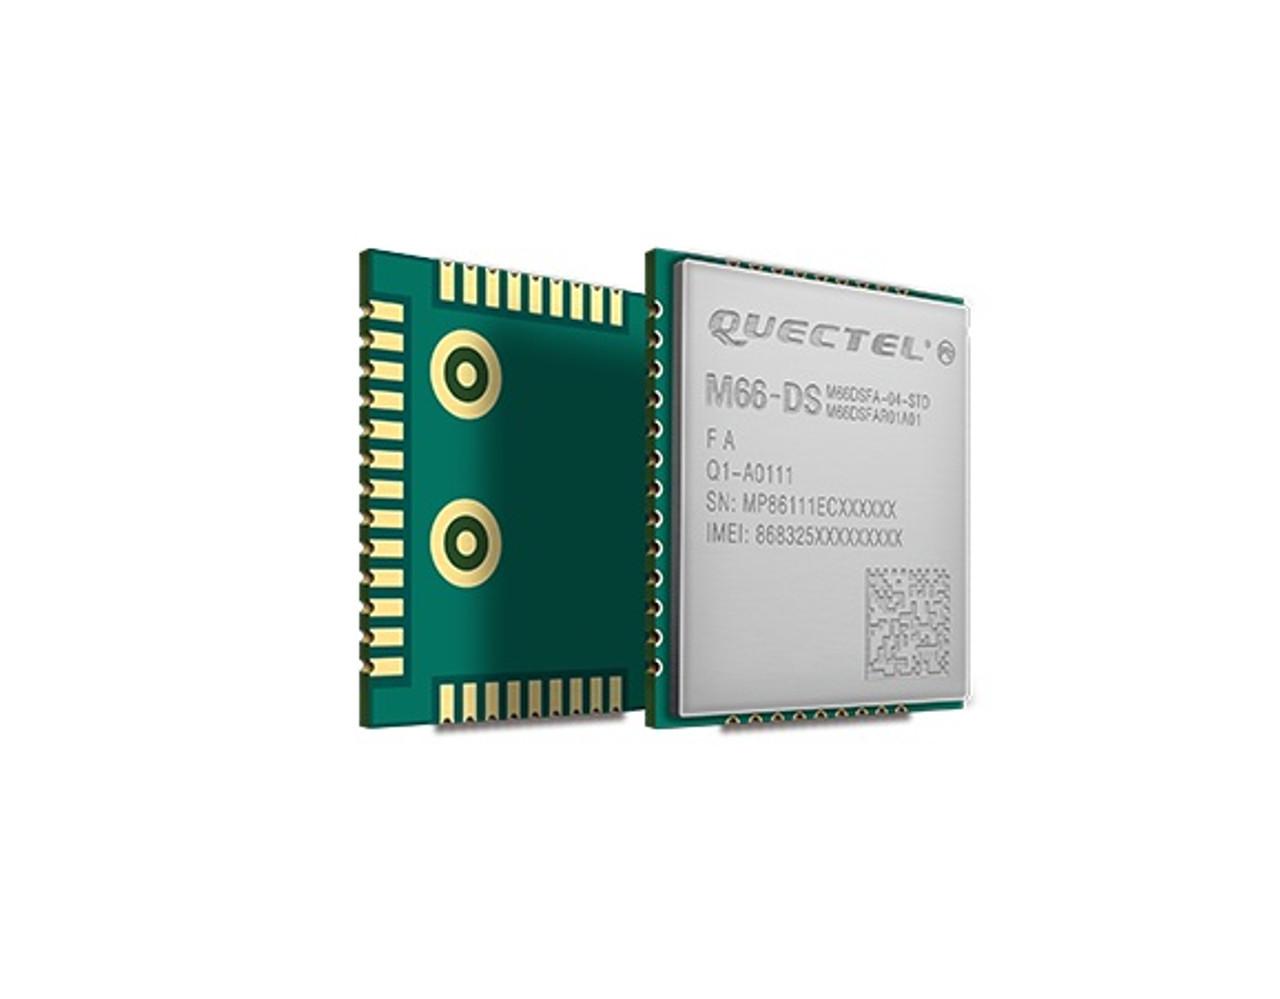 Quectel M66 Firmware